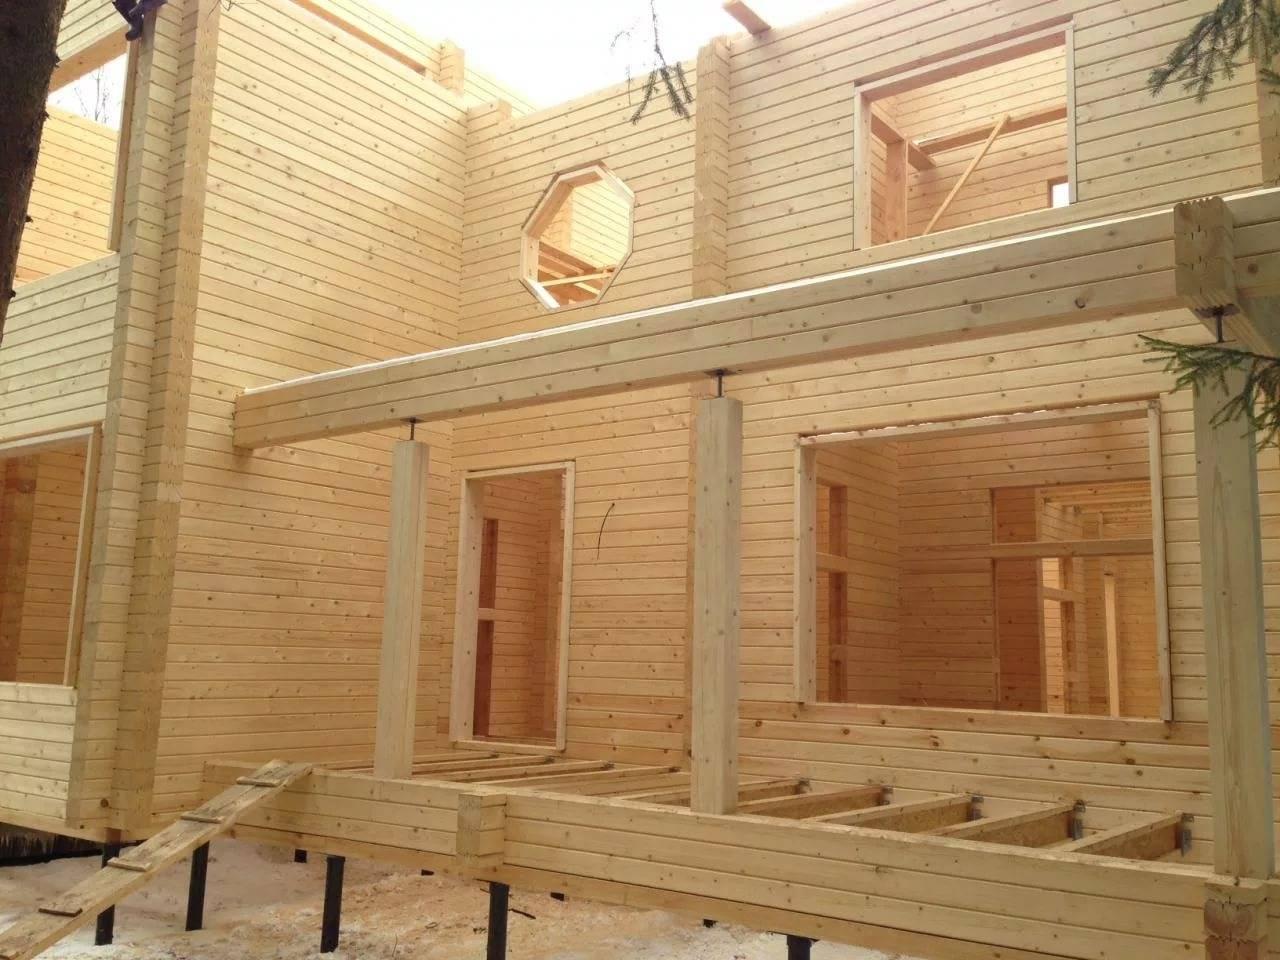 Профилированный брус камерной сушки в москве |дома из сухого бруса от паин хаус.